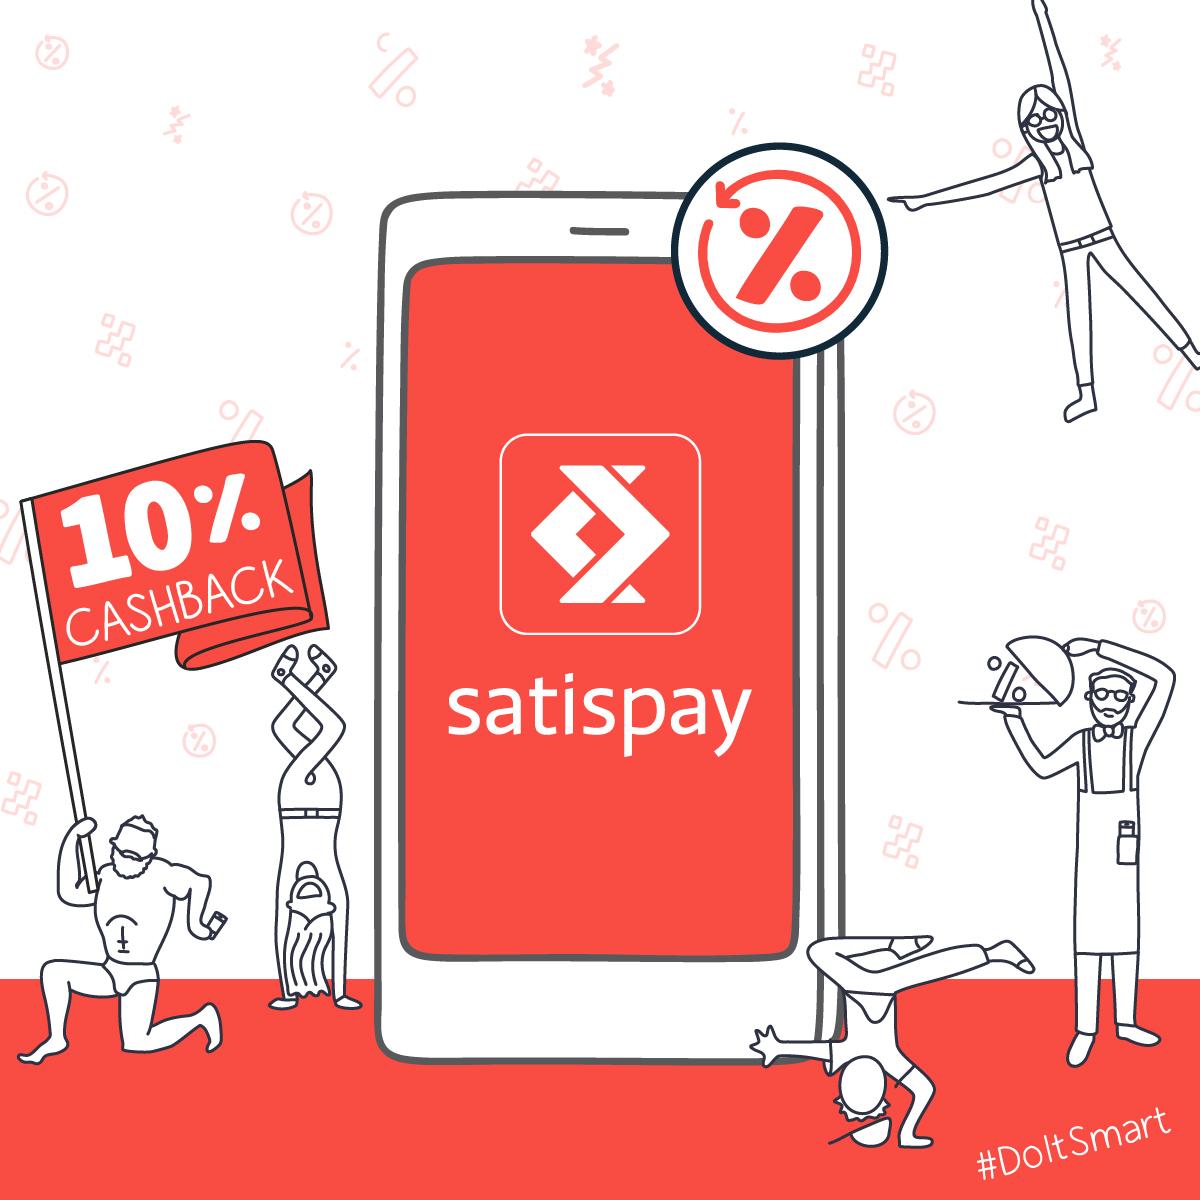 10_cashback_satispay1200x1200